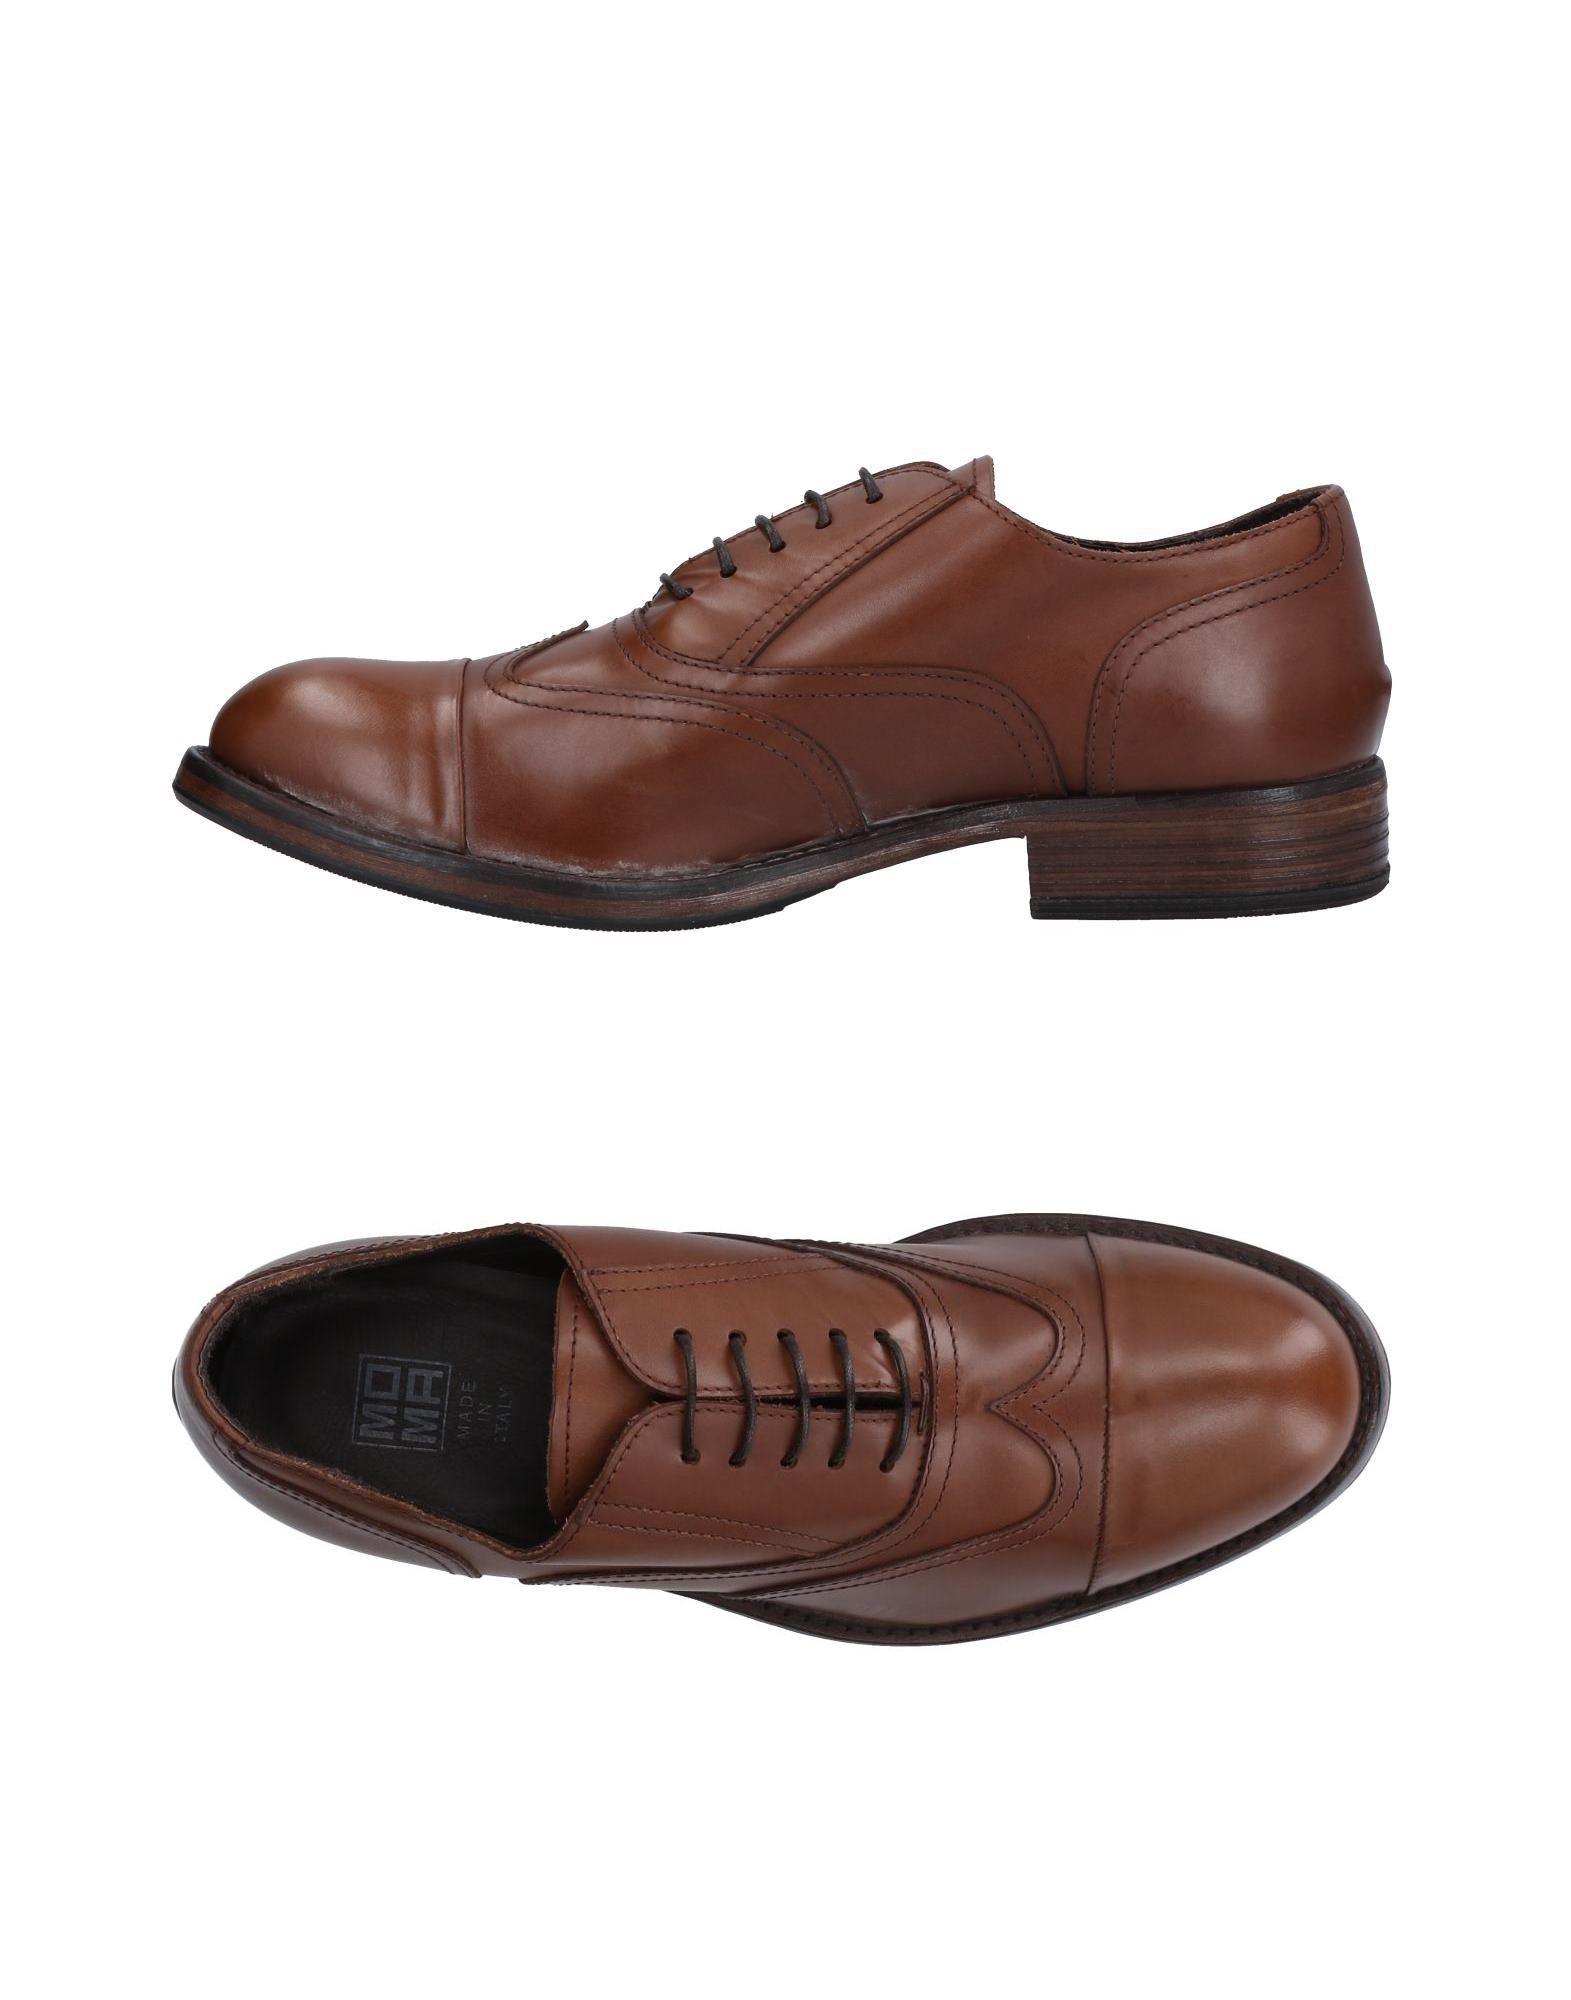 Moma Schnürschuhe Herren  11508734EC Gute Qualität beliebte Schuhe